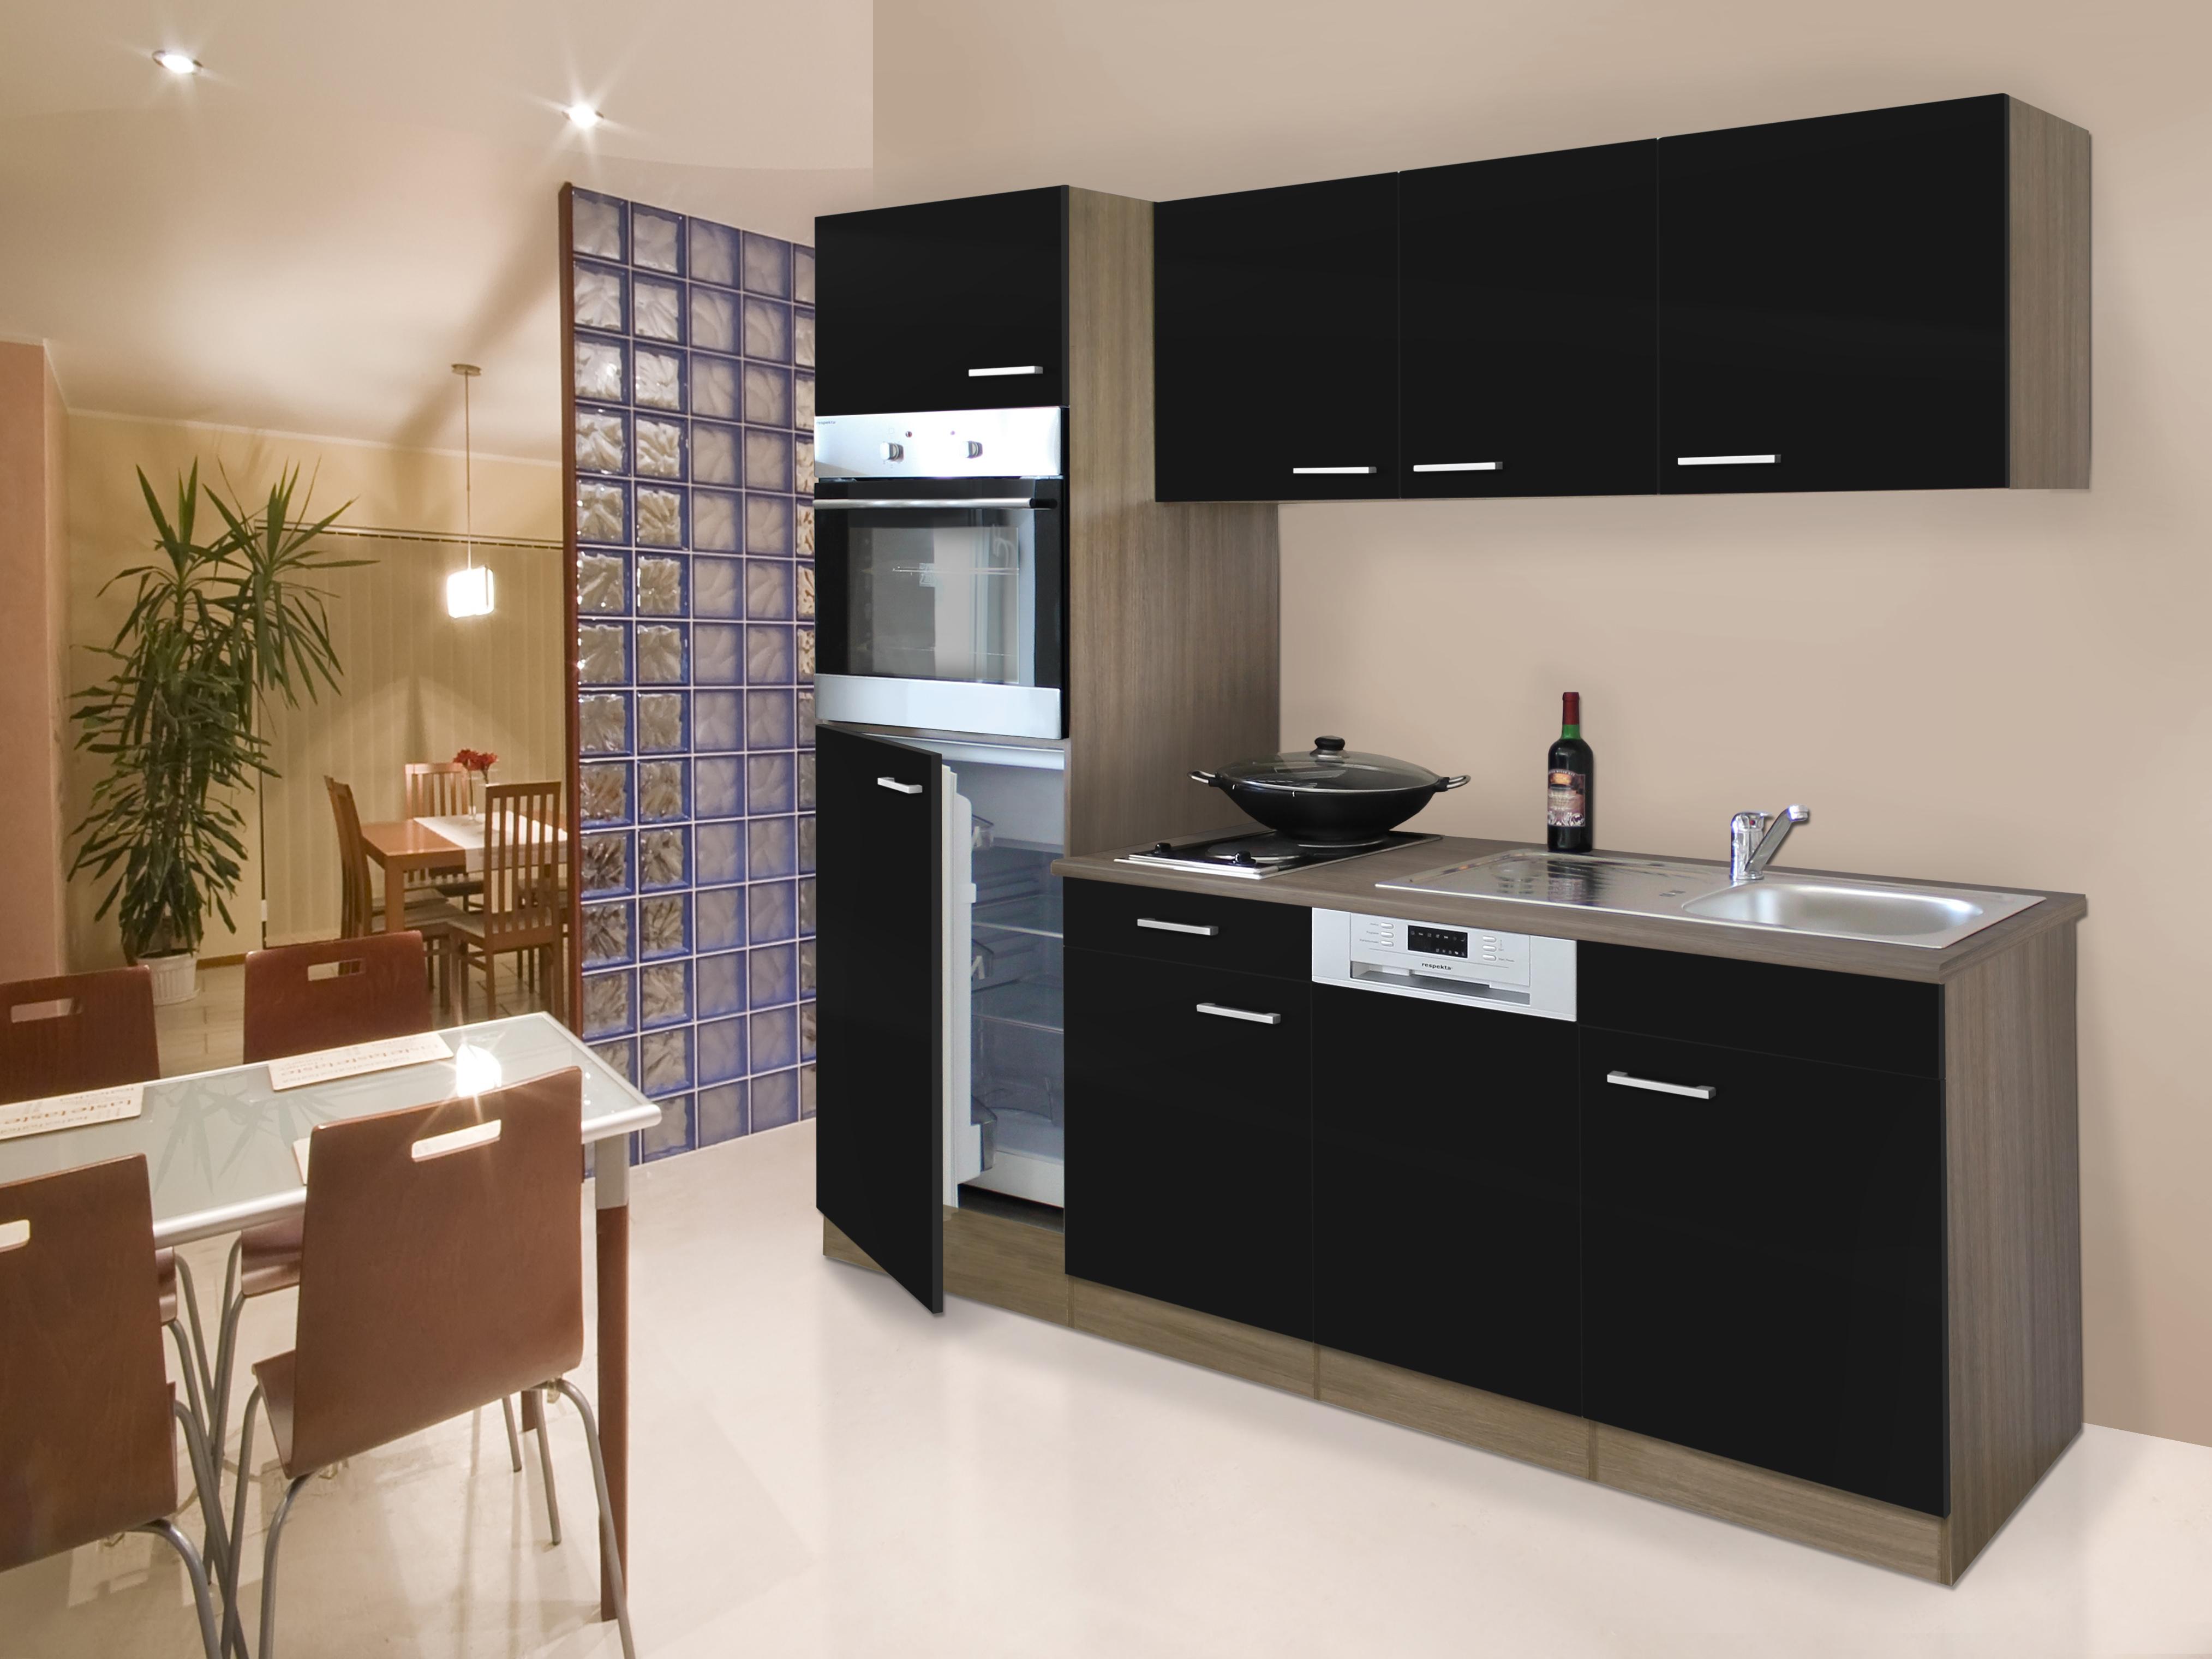 respekta Küche Küchenblock Küchenzeile Singleküche 205 cm Eiche York schwarz